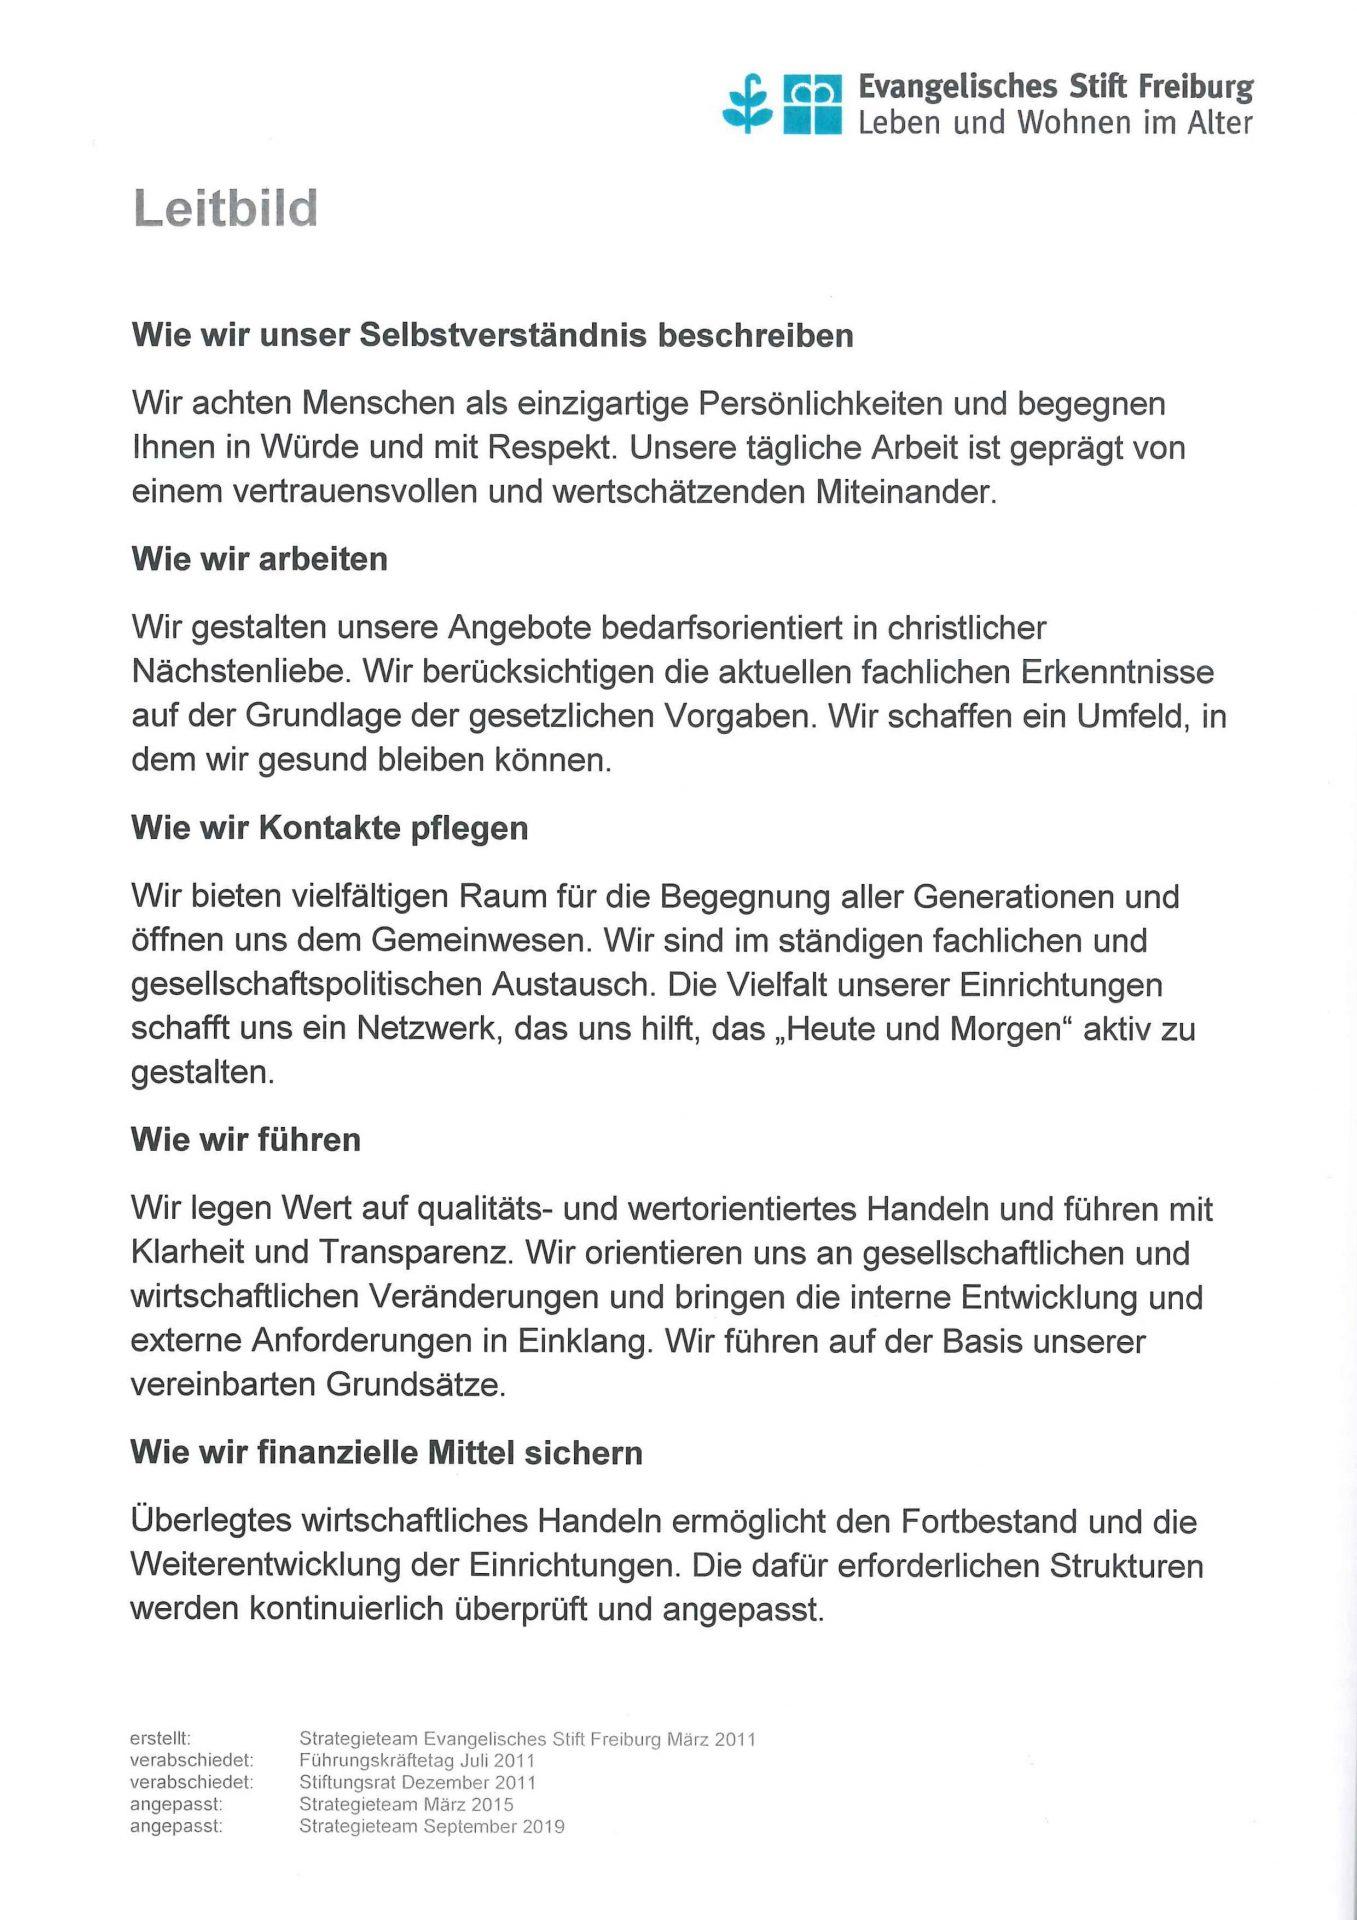 Leitbild-Evangelisches-Stift-Freiburg-2020-Seite-2